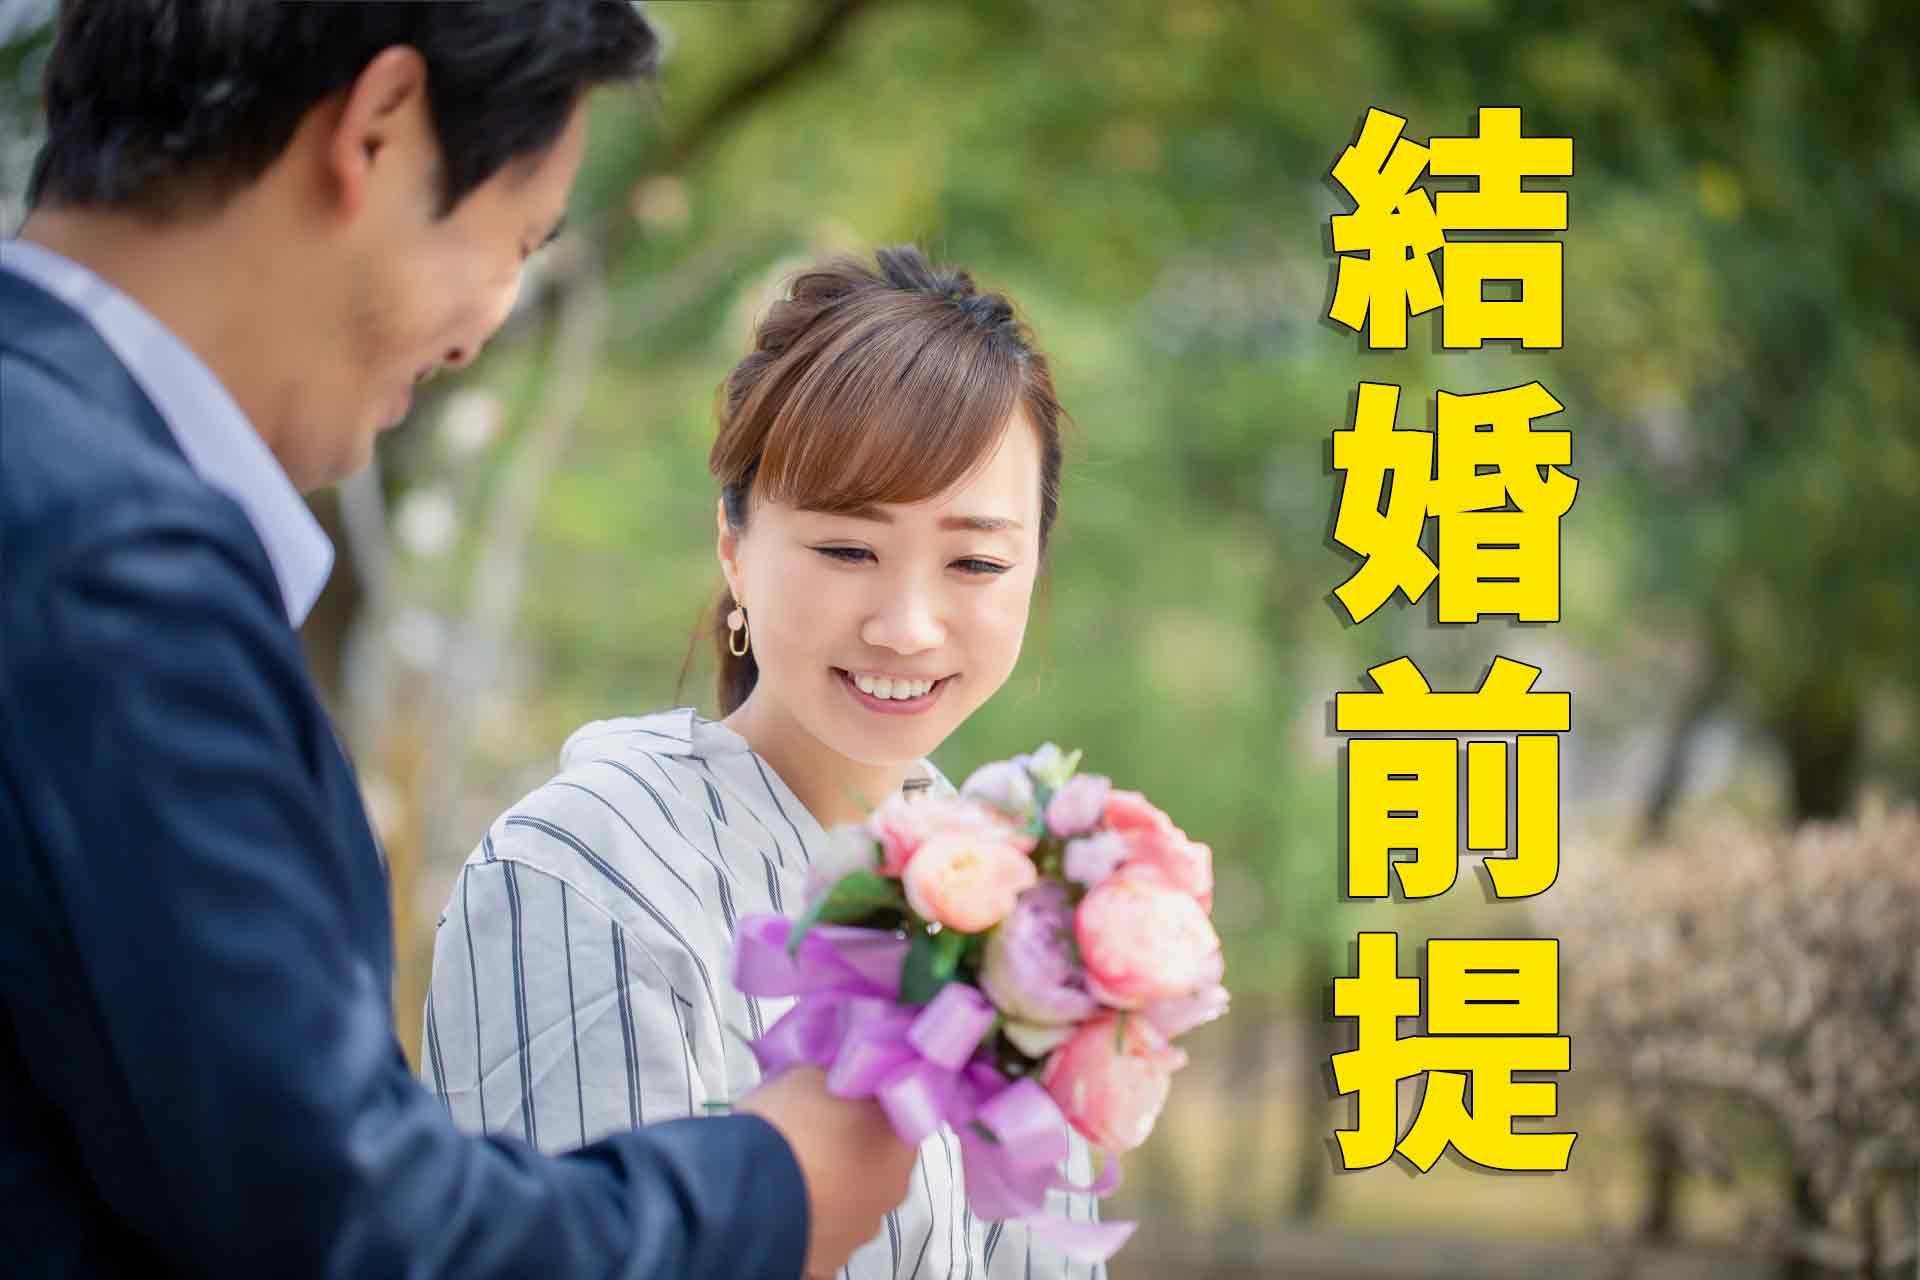 「結婚前提」の文字と、花束を女性に渡しているスーツ姿の男性